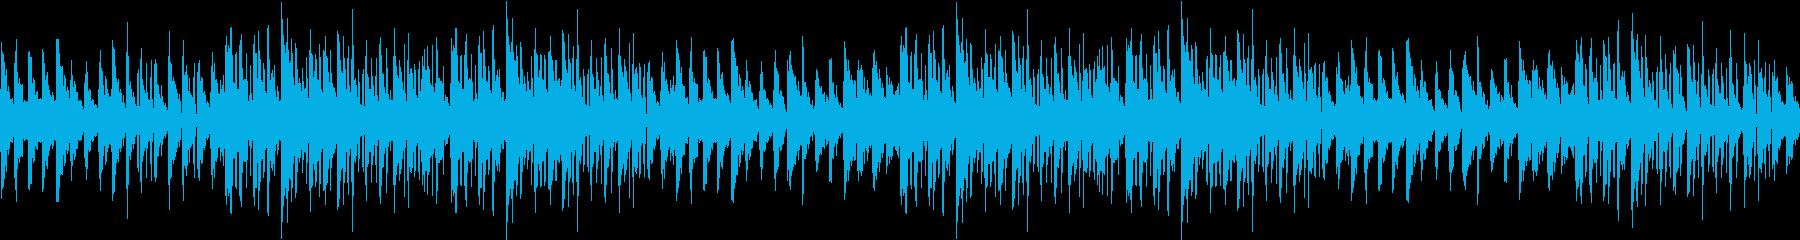 幻想的・綺麗・静か・映像・夜・ループの再生済みの波形